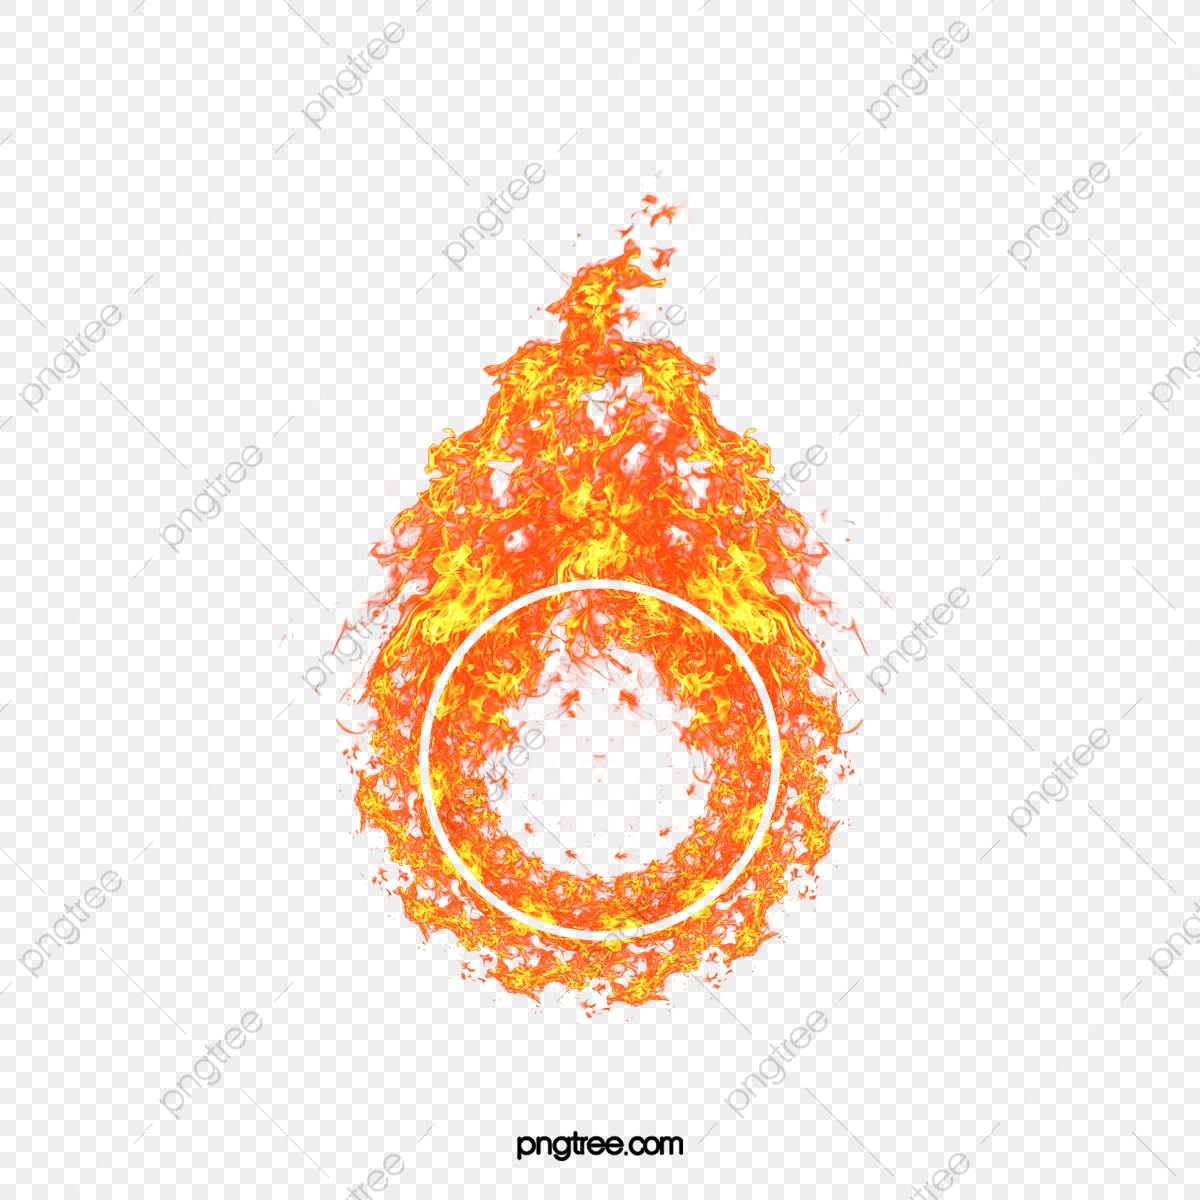 無料ダウンロードのための炎 炎 炎 火の効果png画像素材